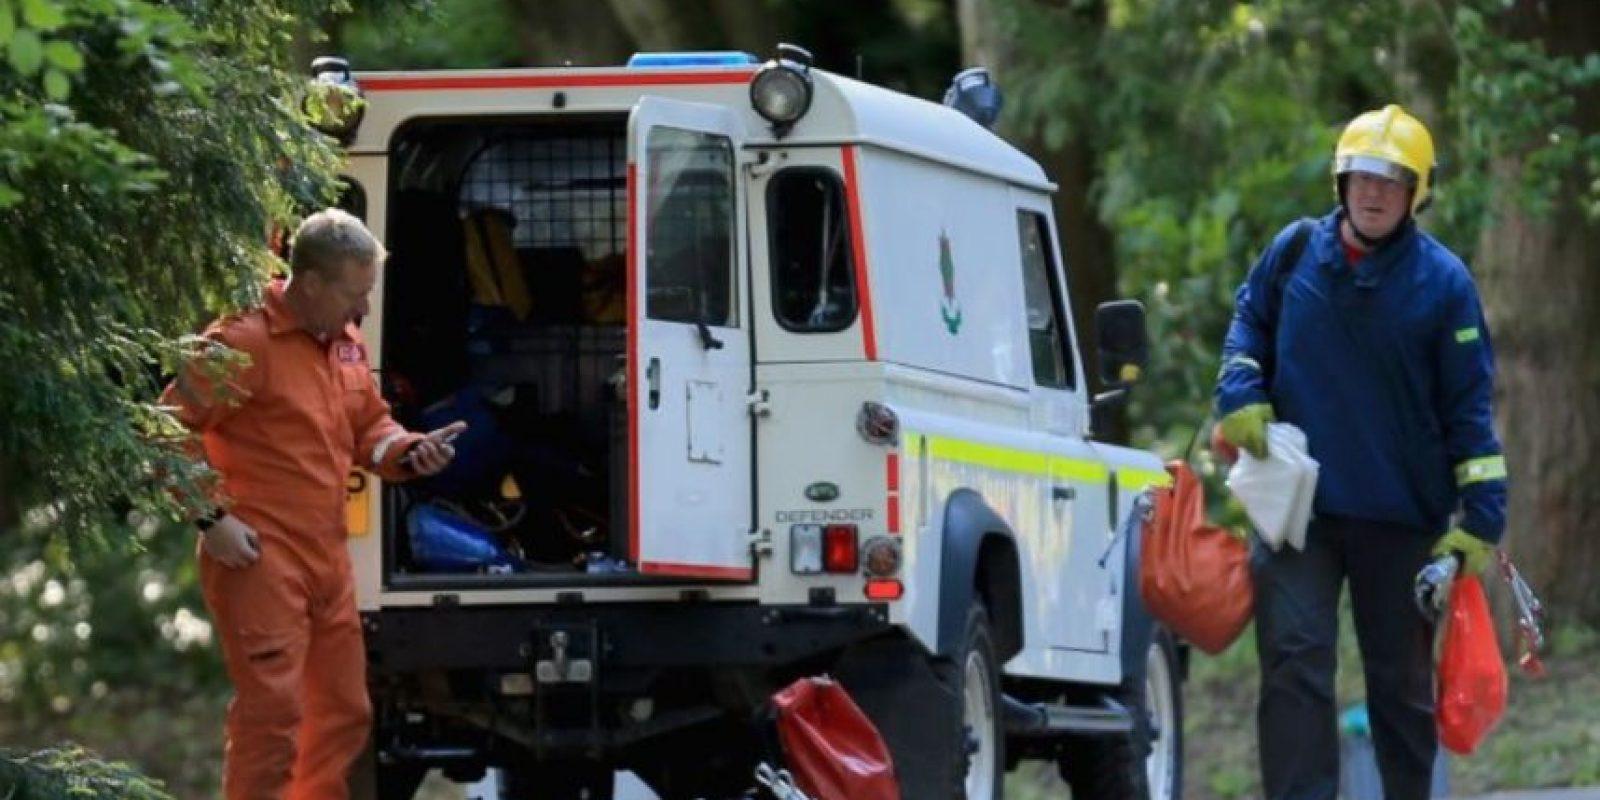 Joe Pugh, de 18 años, y Leah Washington, de 17, fueron dos de las cuatro personas que sufrieron heridas graves en las piernas en la atracción The Smiler del parque Alton Towers, en Staffordshire en junio pasado. Era su primera cita Foto:Getty Images. Imagen Por: